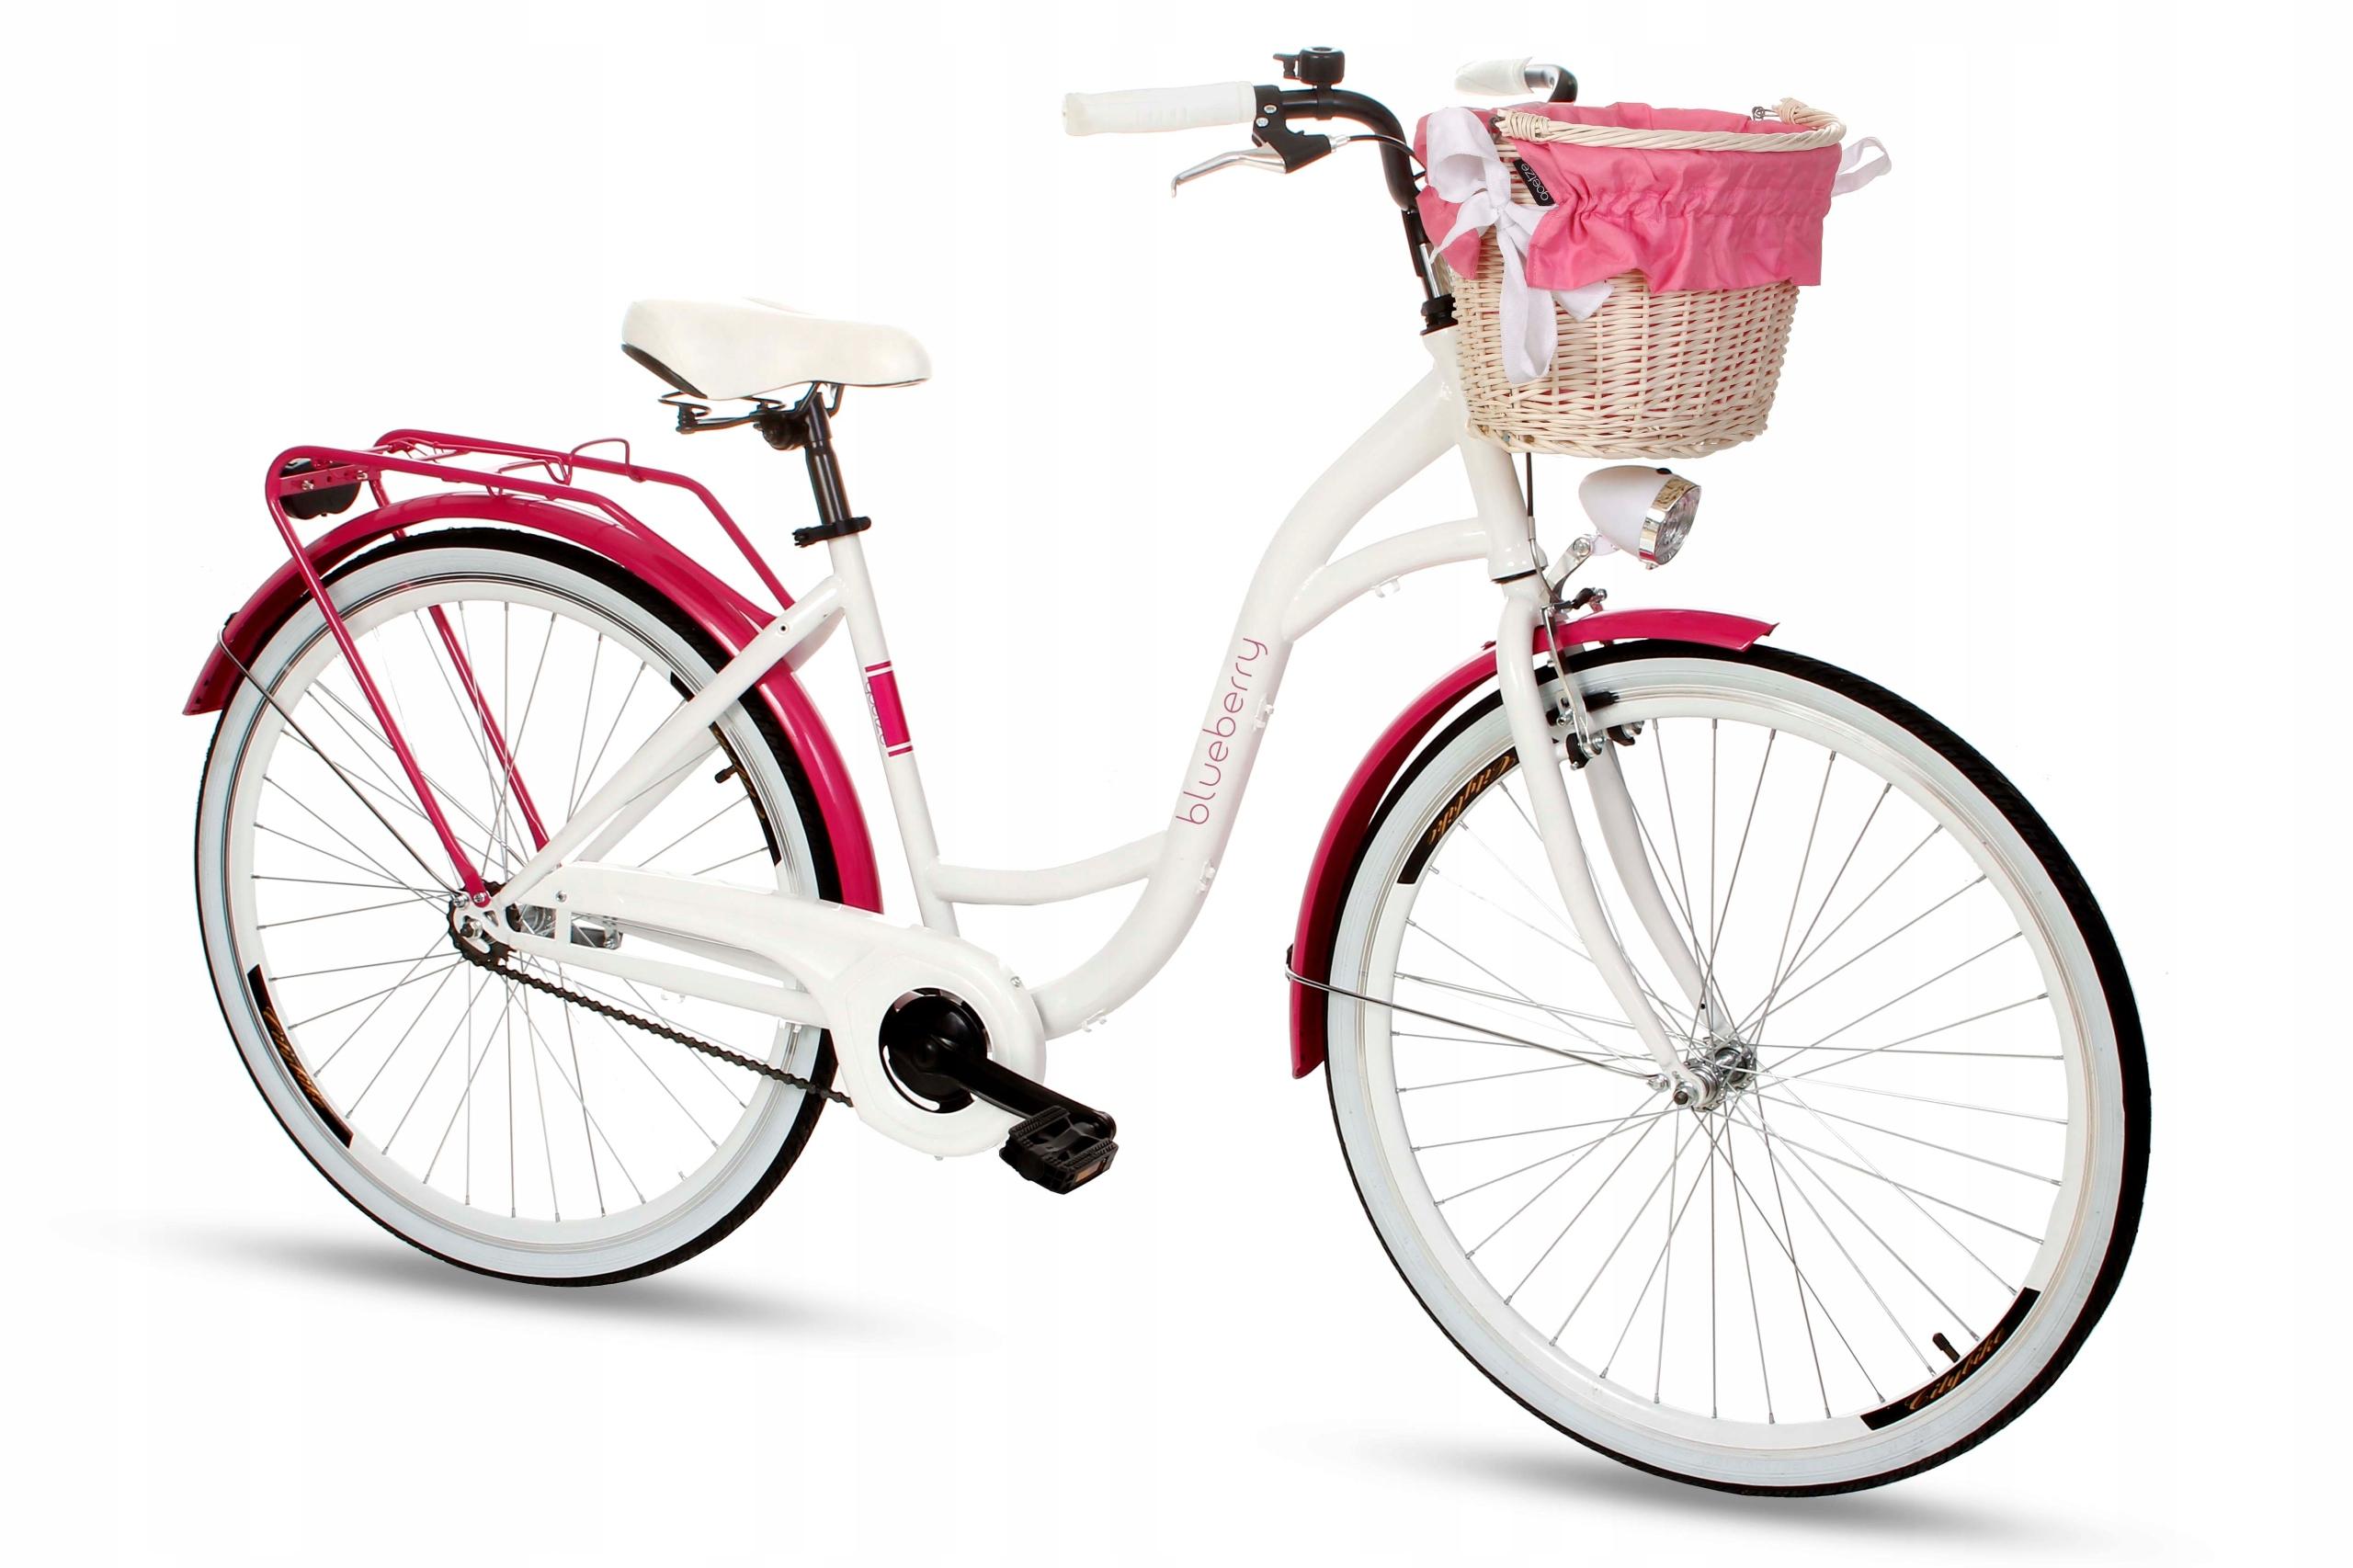 Dámsky mestský bicykel Goetze BLUEBERRY 28 košík!  Počet prevodových stupňov 1